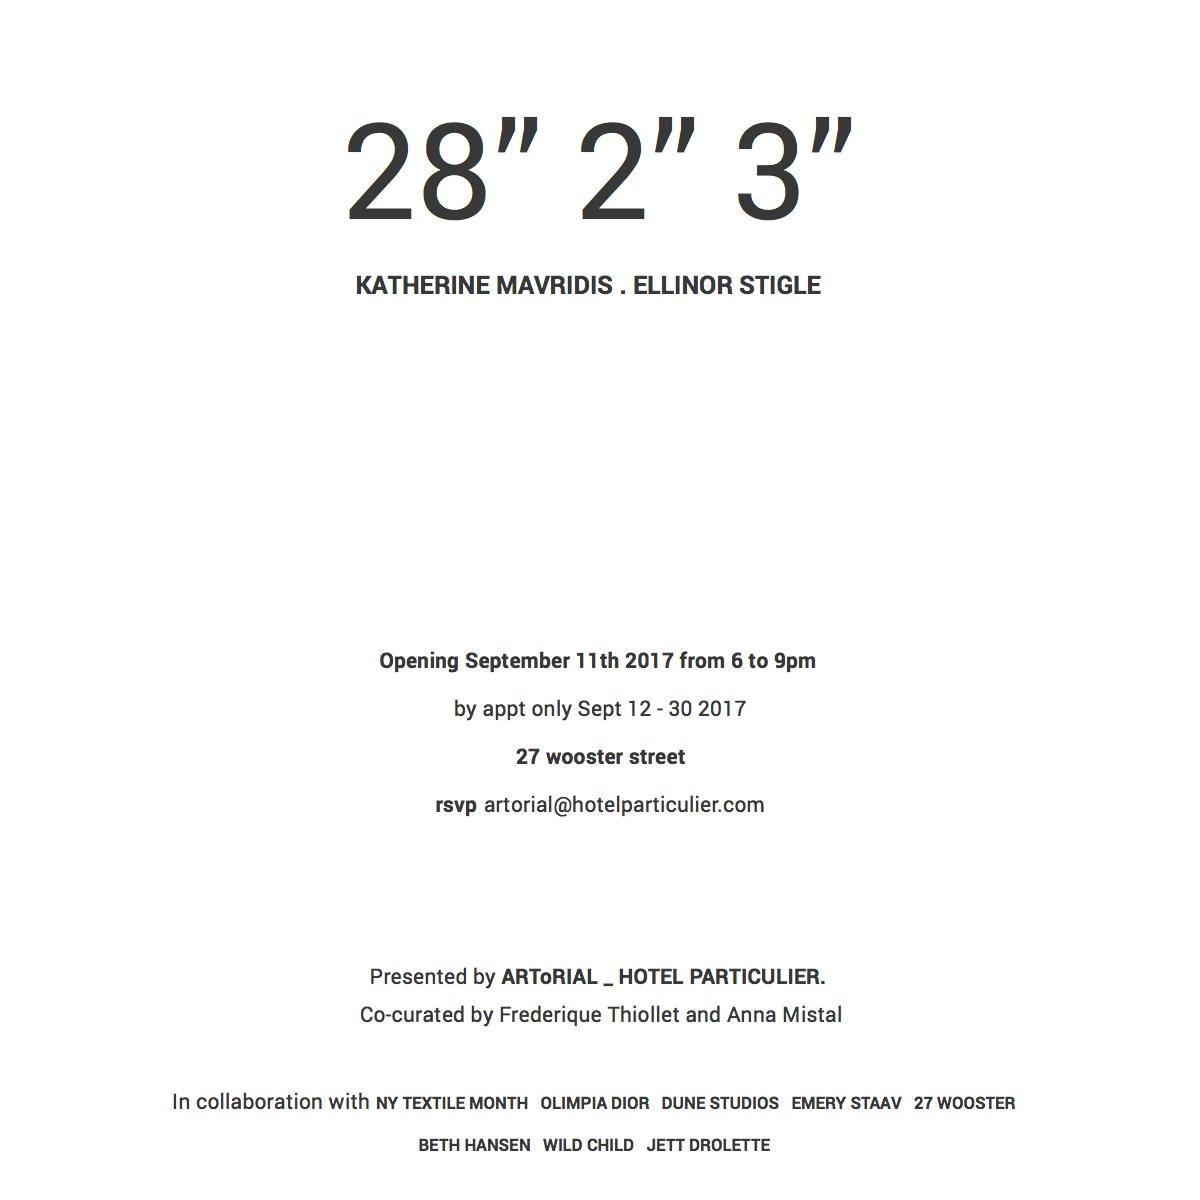 28%22 3%22 2%22 invitation.jpg